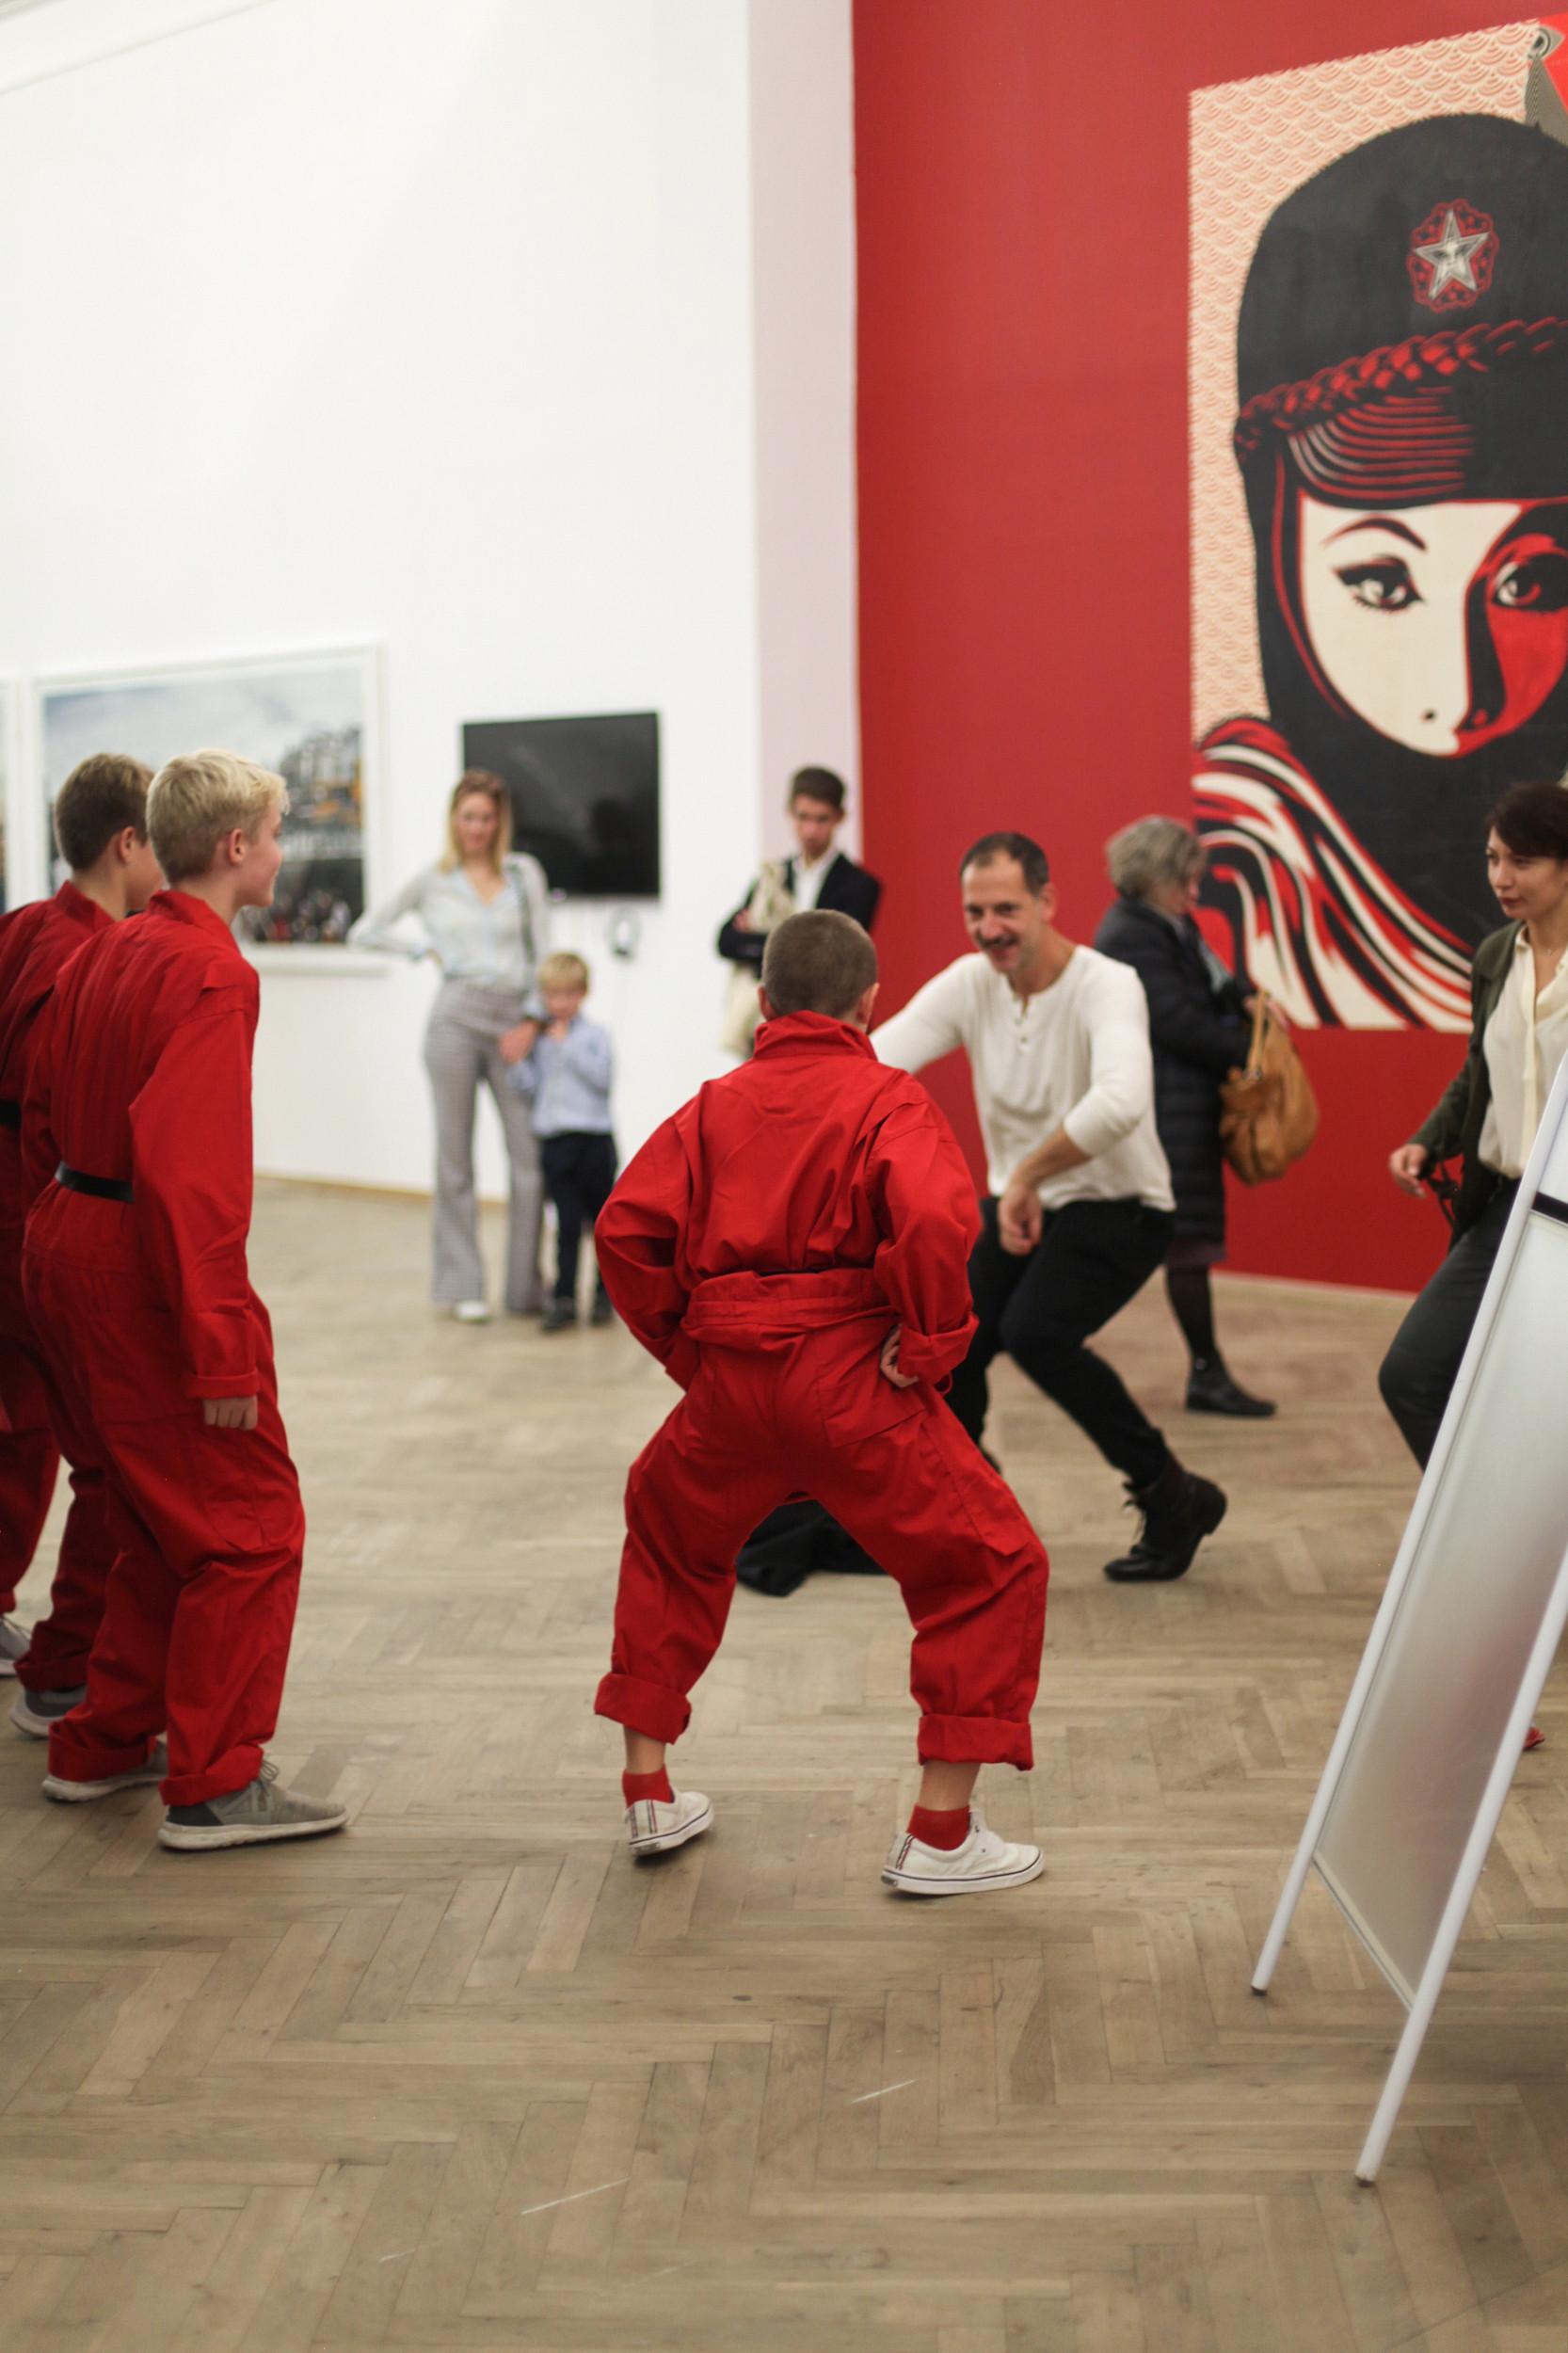 vilde livsdatter_exhibitions-7313.jpg